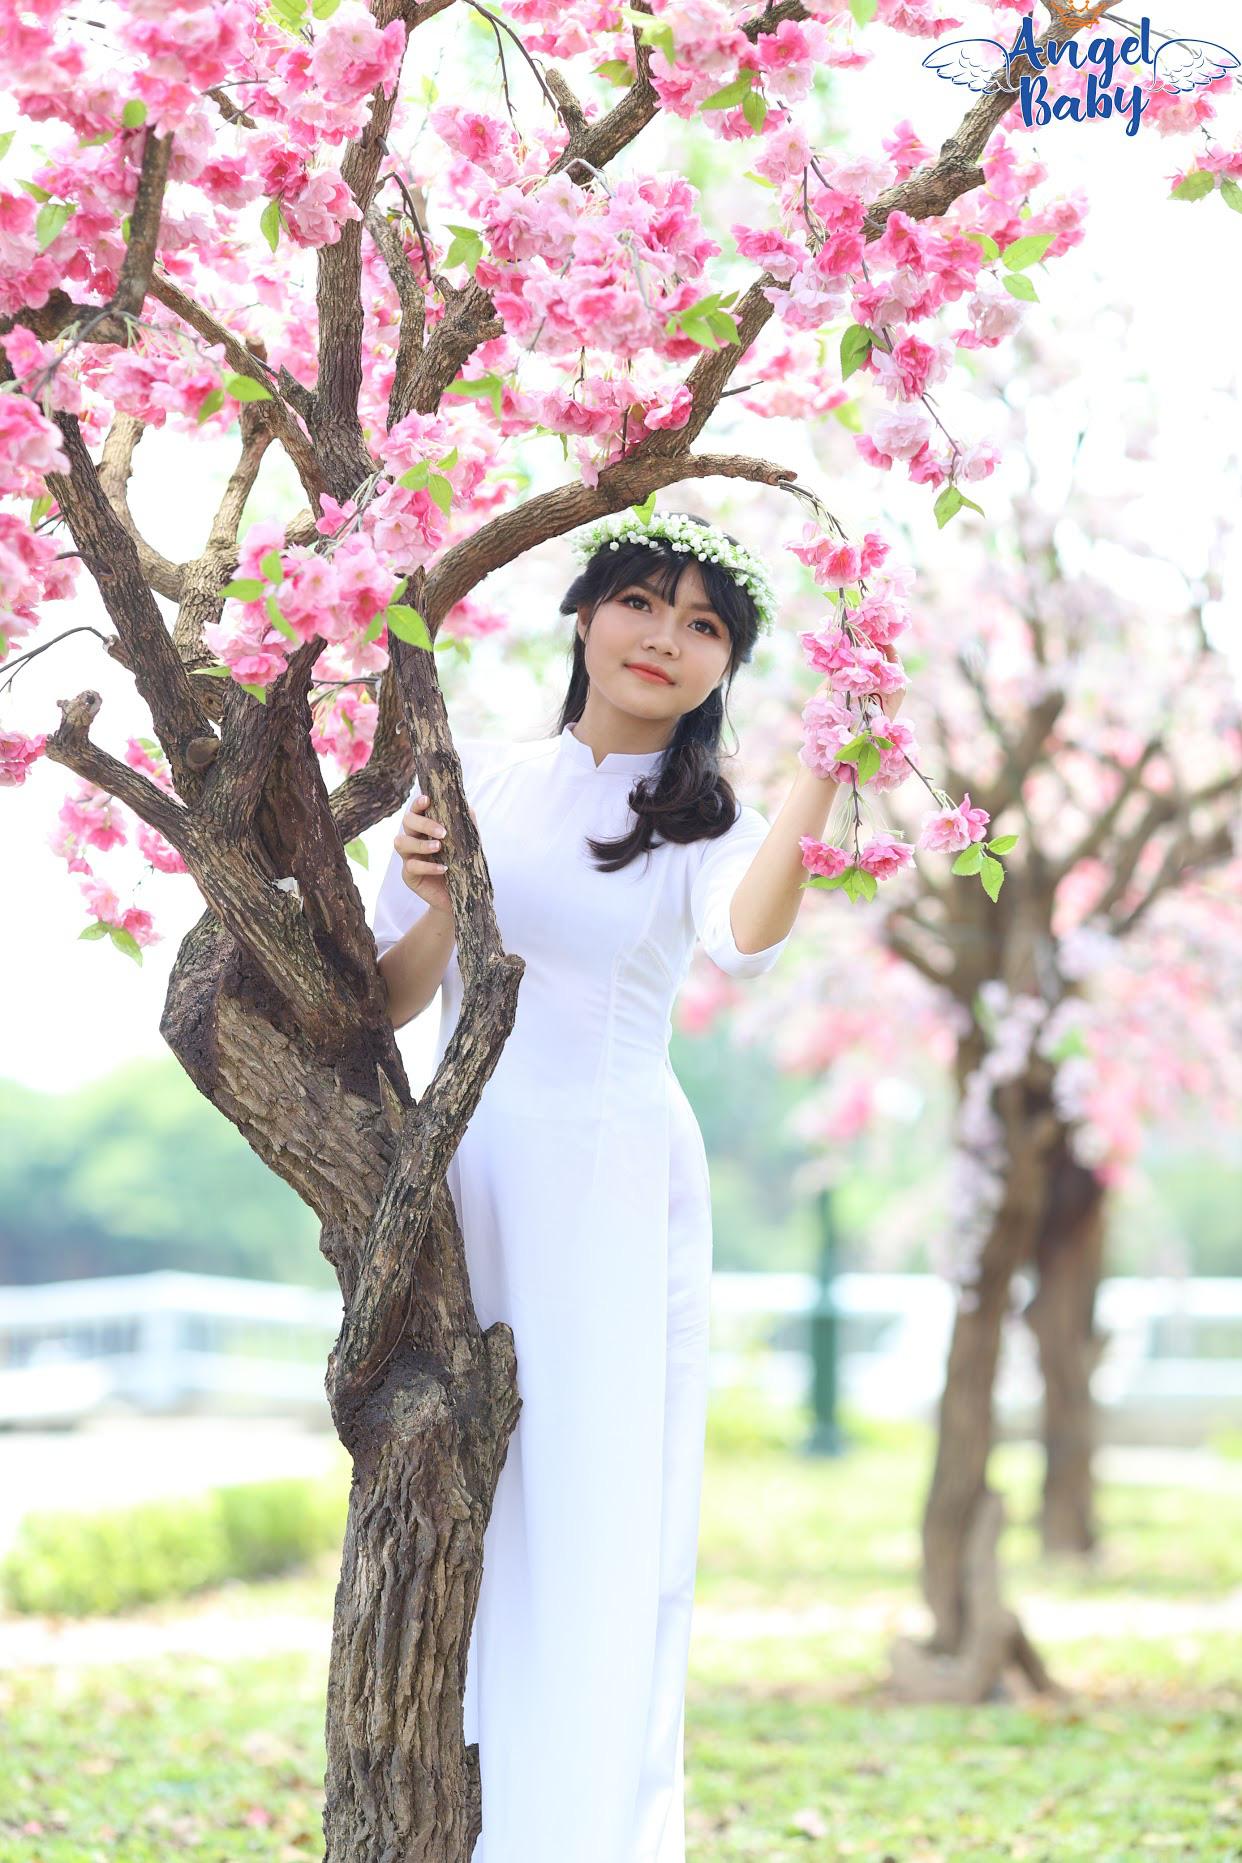 Doãn Ngọc Diệp: Bông hoa tài năng của núi rừng Yên Bái - Ảnh 5.